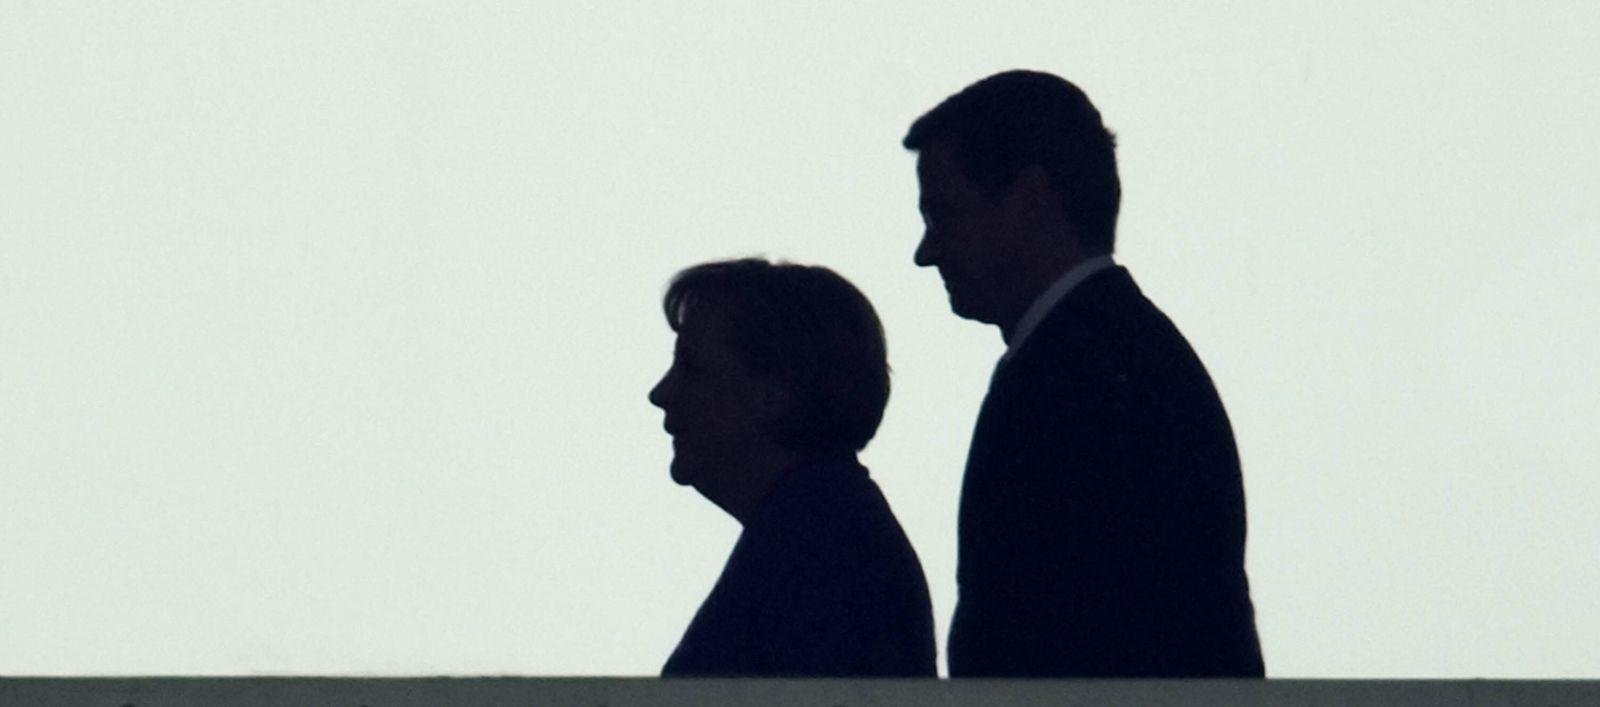 NICHT VERWENDEN Merkel trifft Westerwelle